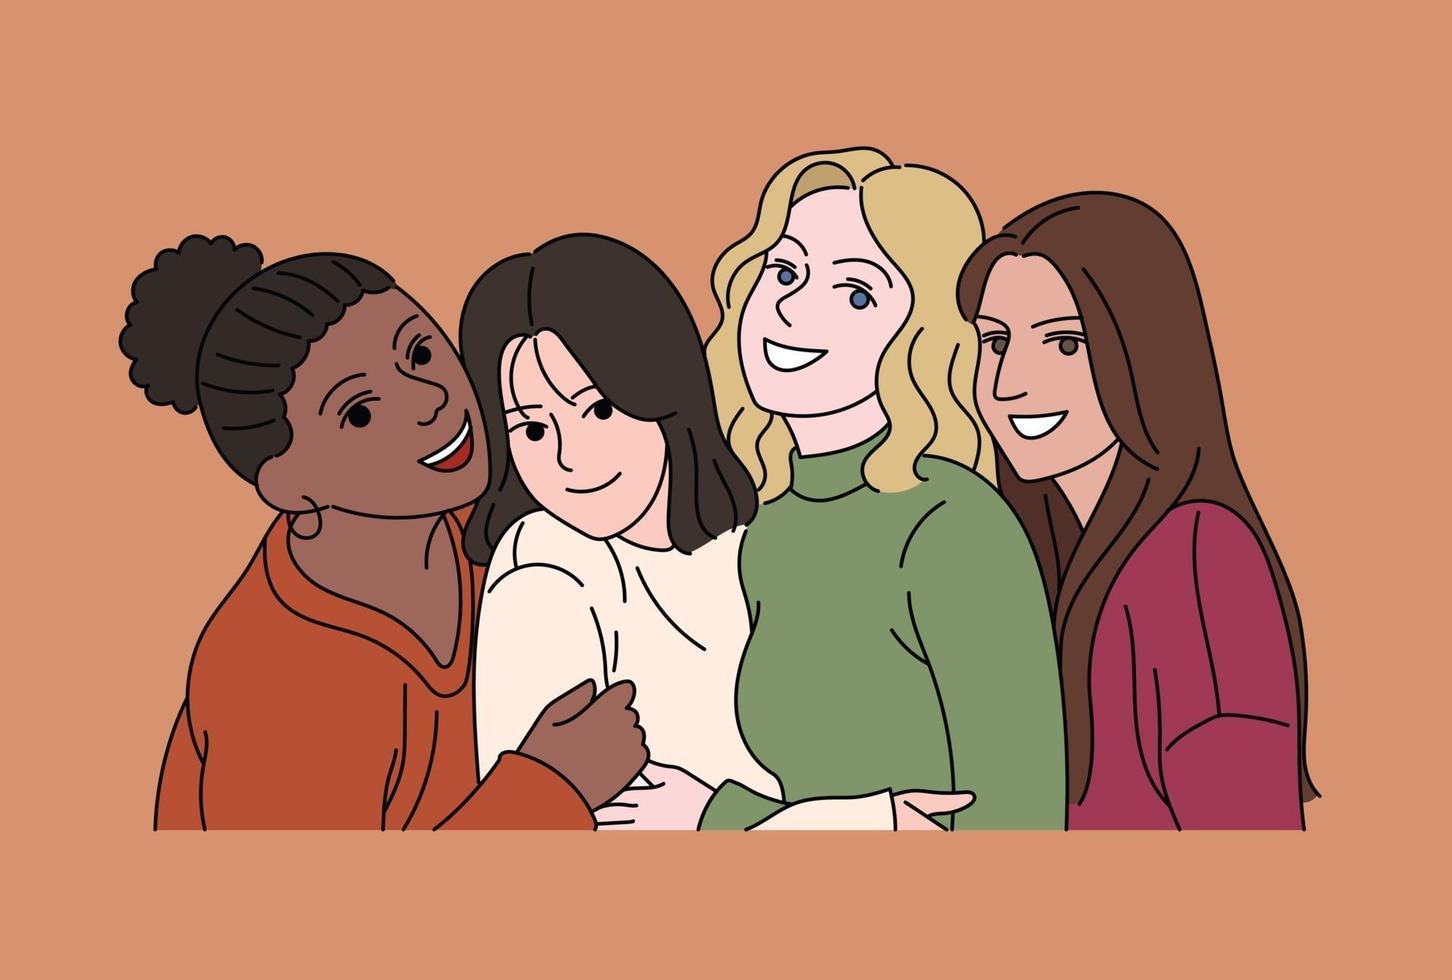 vrienden kijken recht voor zich uit met vreugdevolle uitdrukkingen. hand getrokken stijl vector ontwerp illustraties.